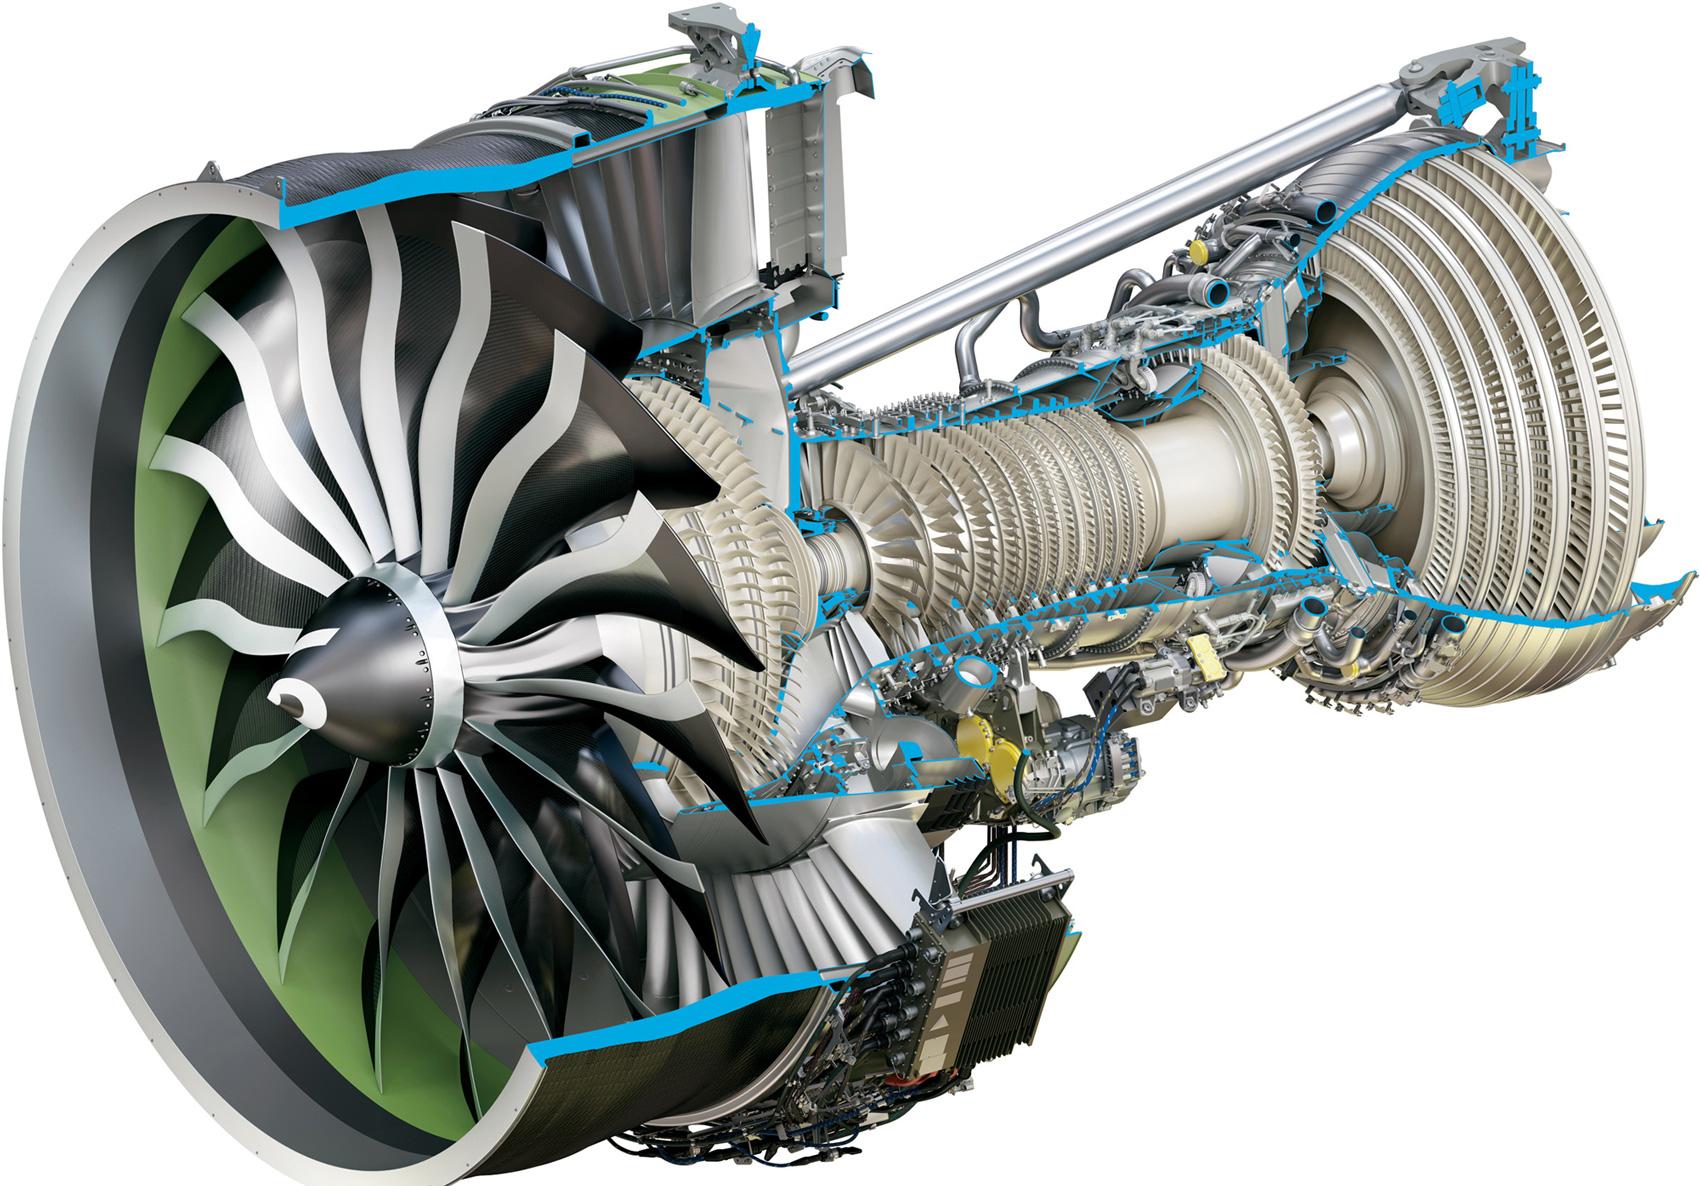 涡轮机_飞机涡轮风扇发动机最大的优点是什么? - 知乎